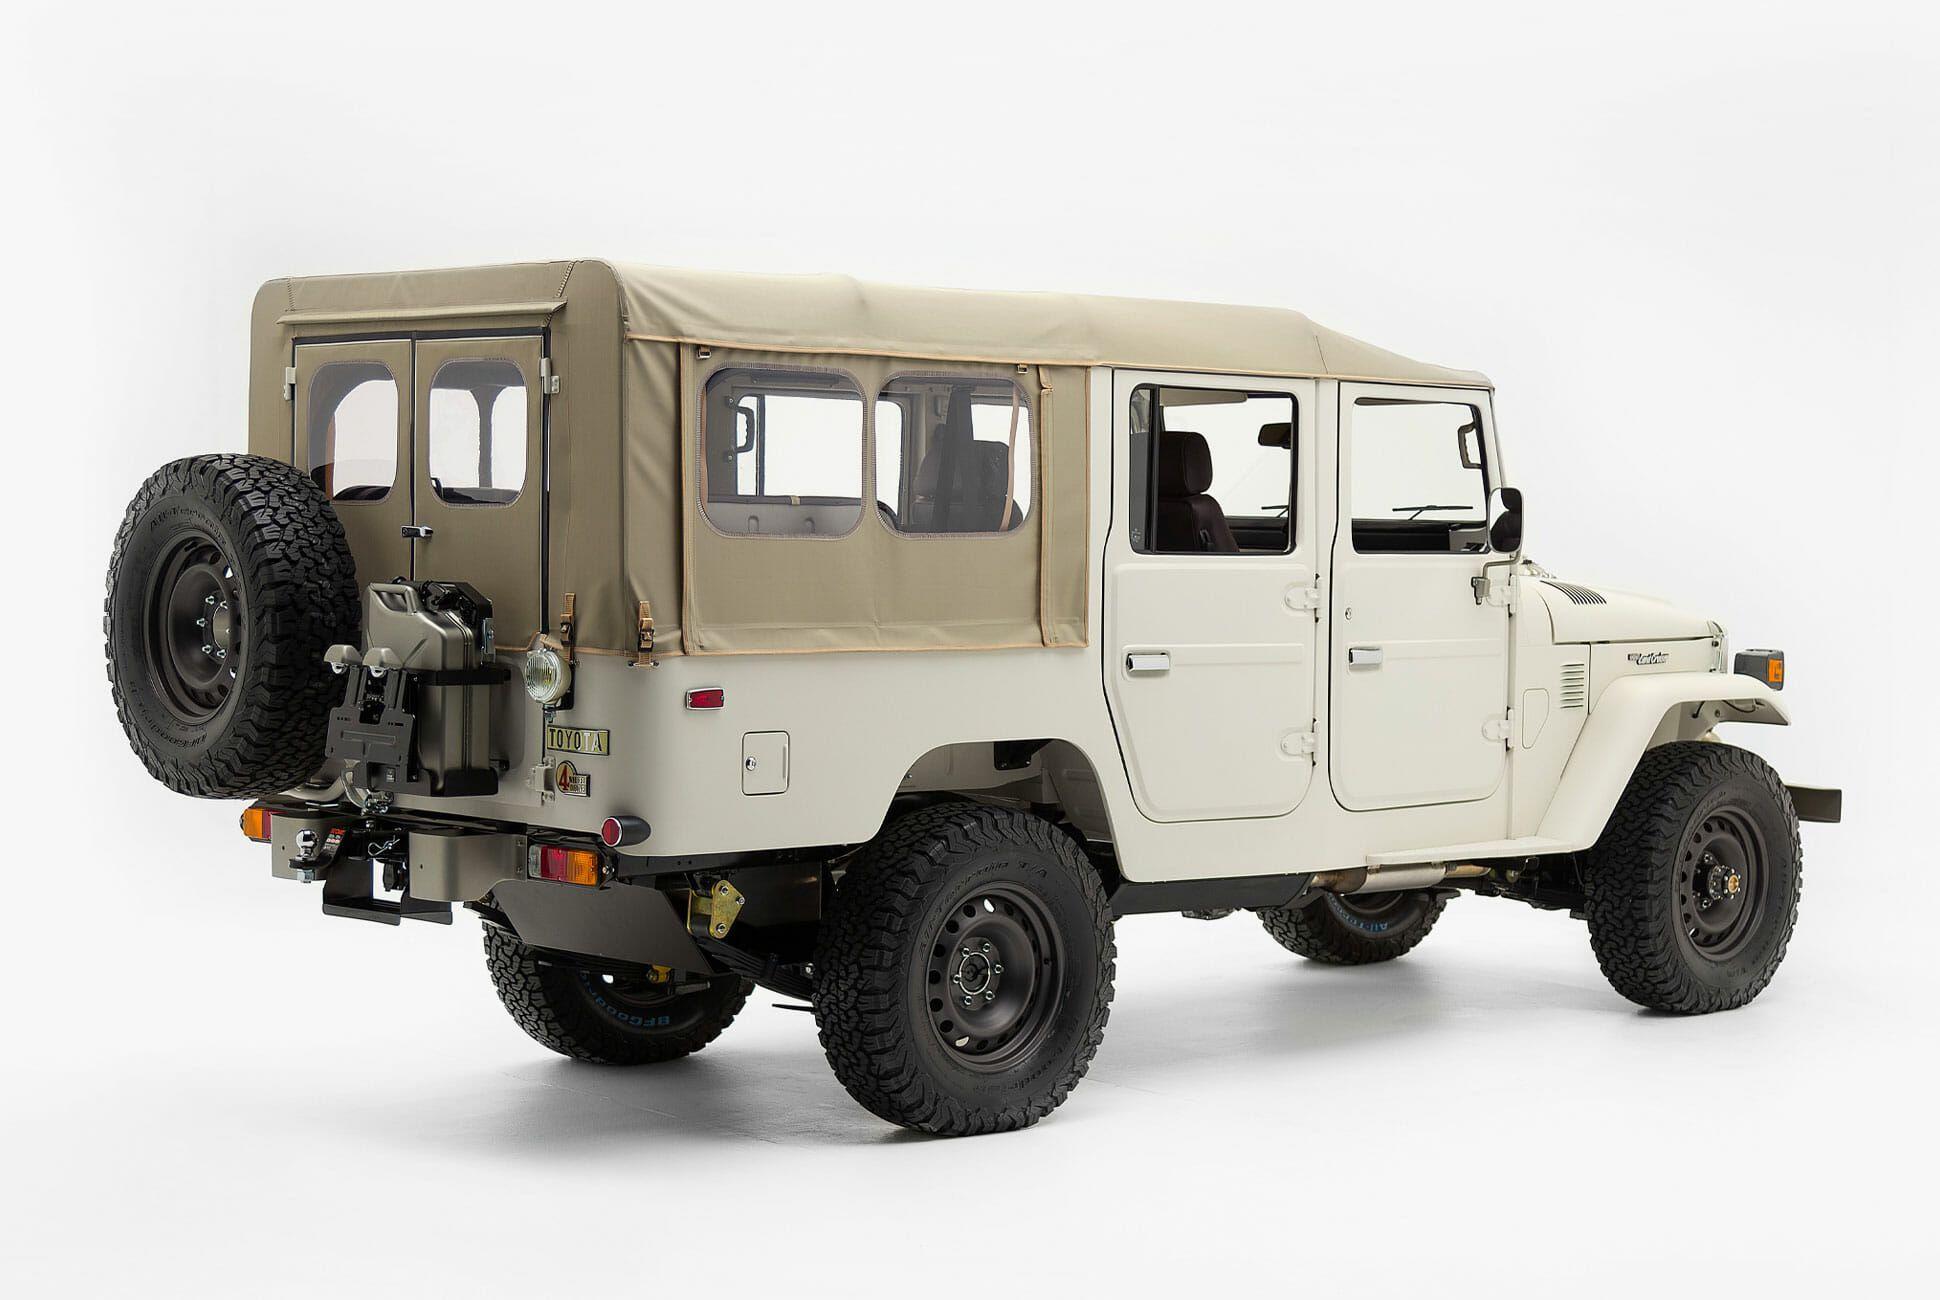 FJ40-Troopy-Gear-Patrol-slide-3